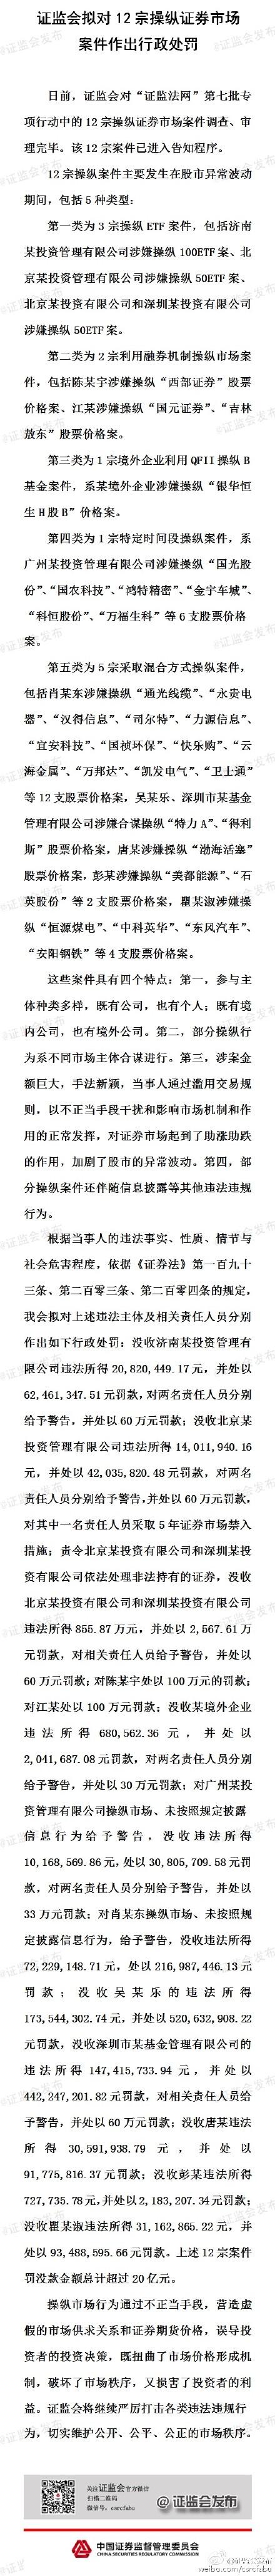 证监会:拟对12宗操纵市场案件作出行政处罚20亿